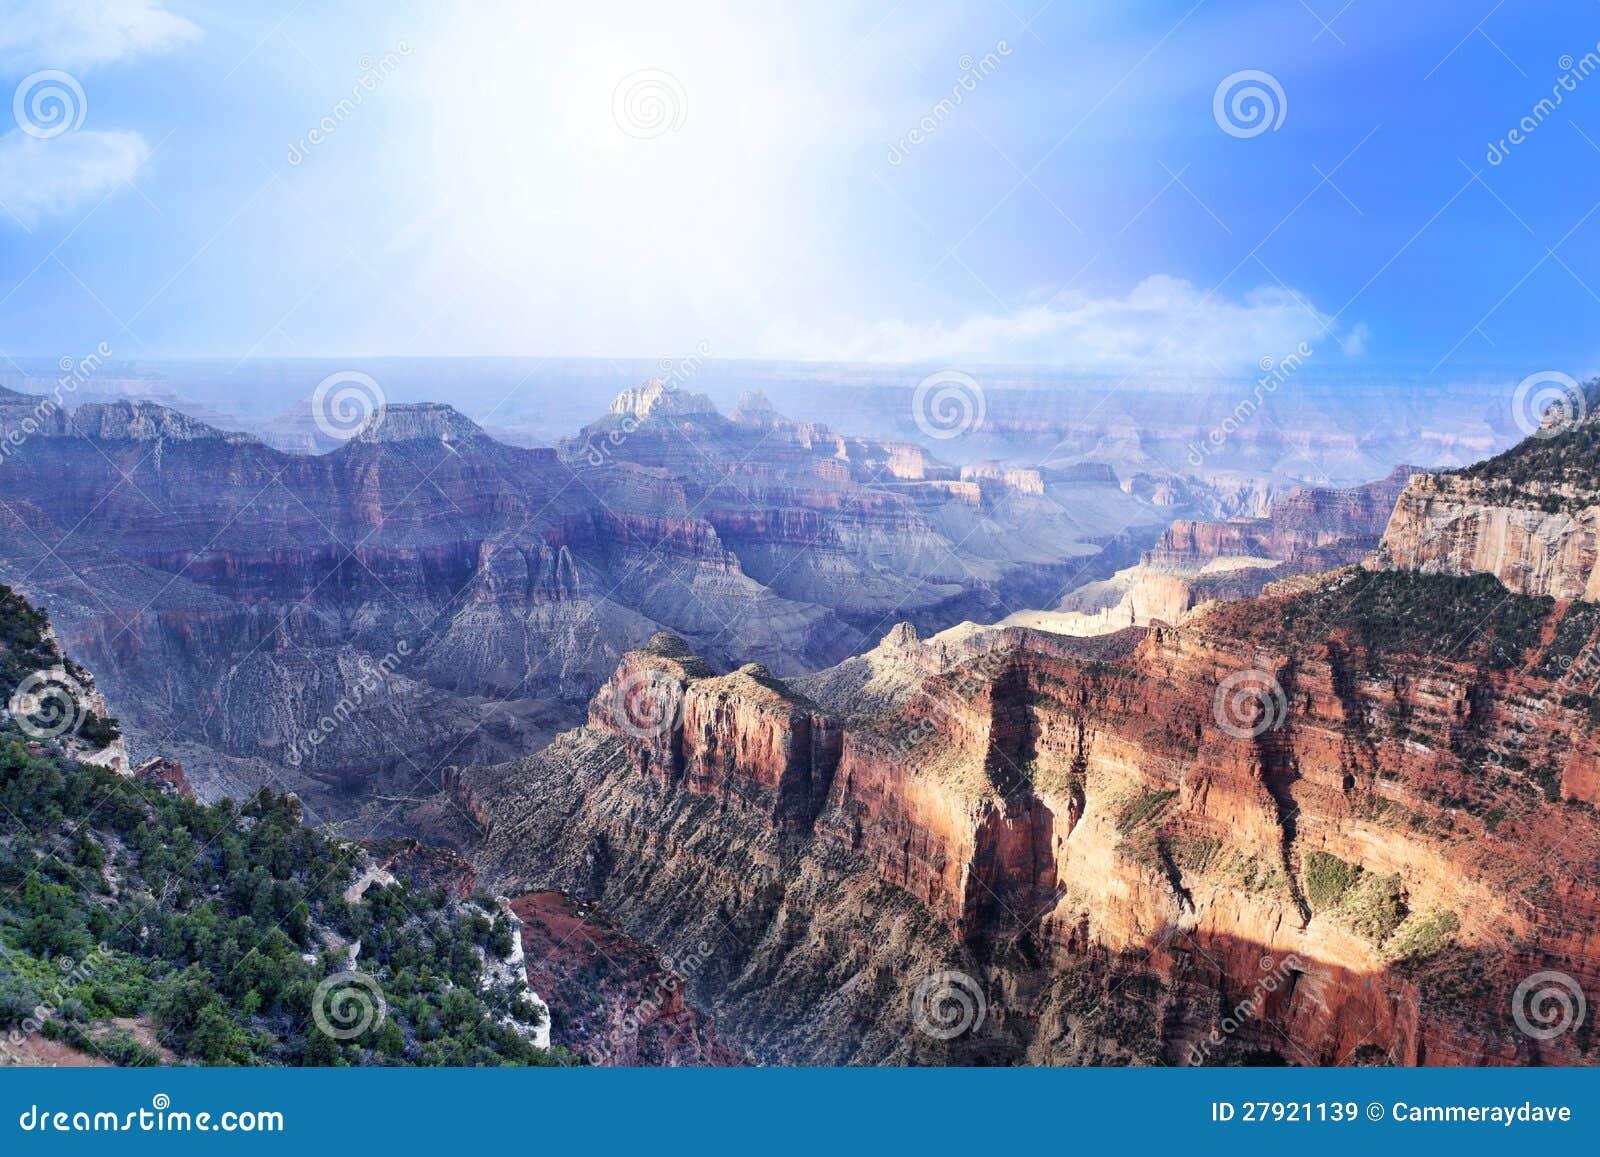 Грандиозный каньон Аризона